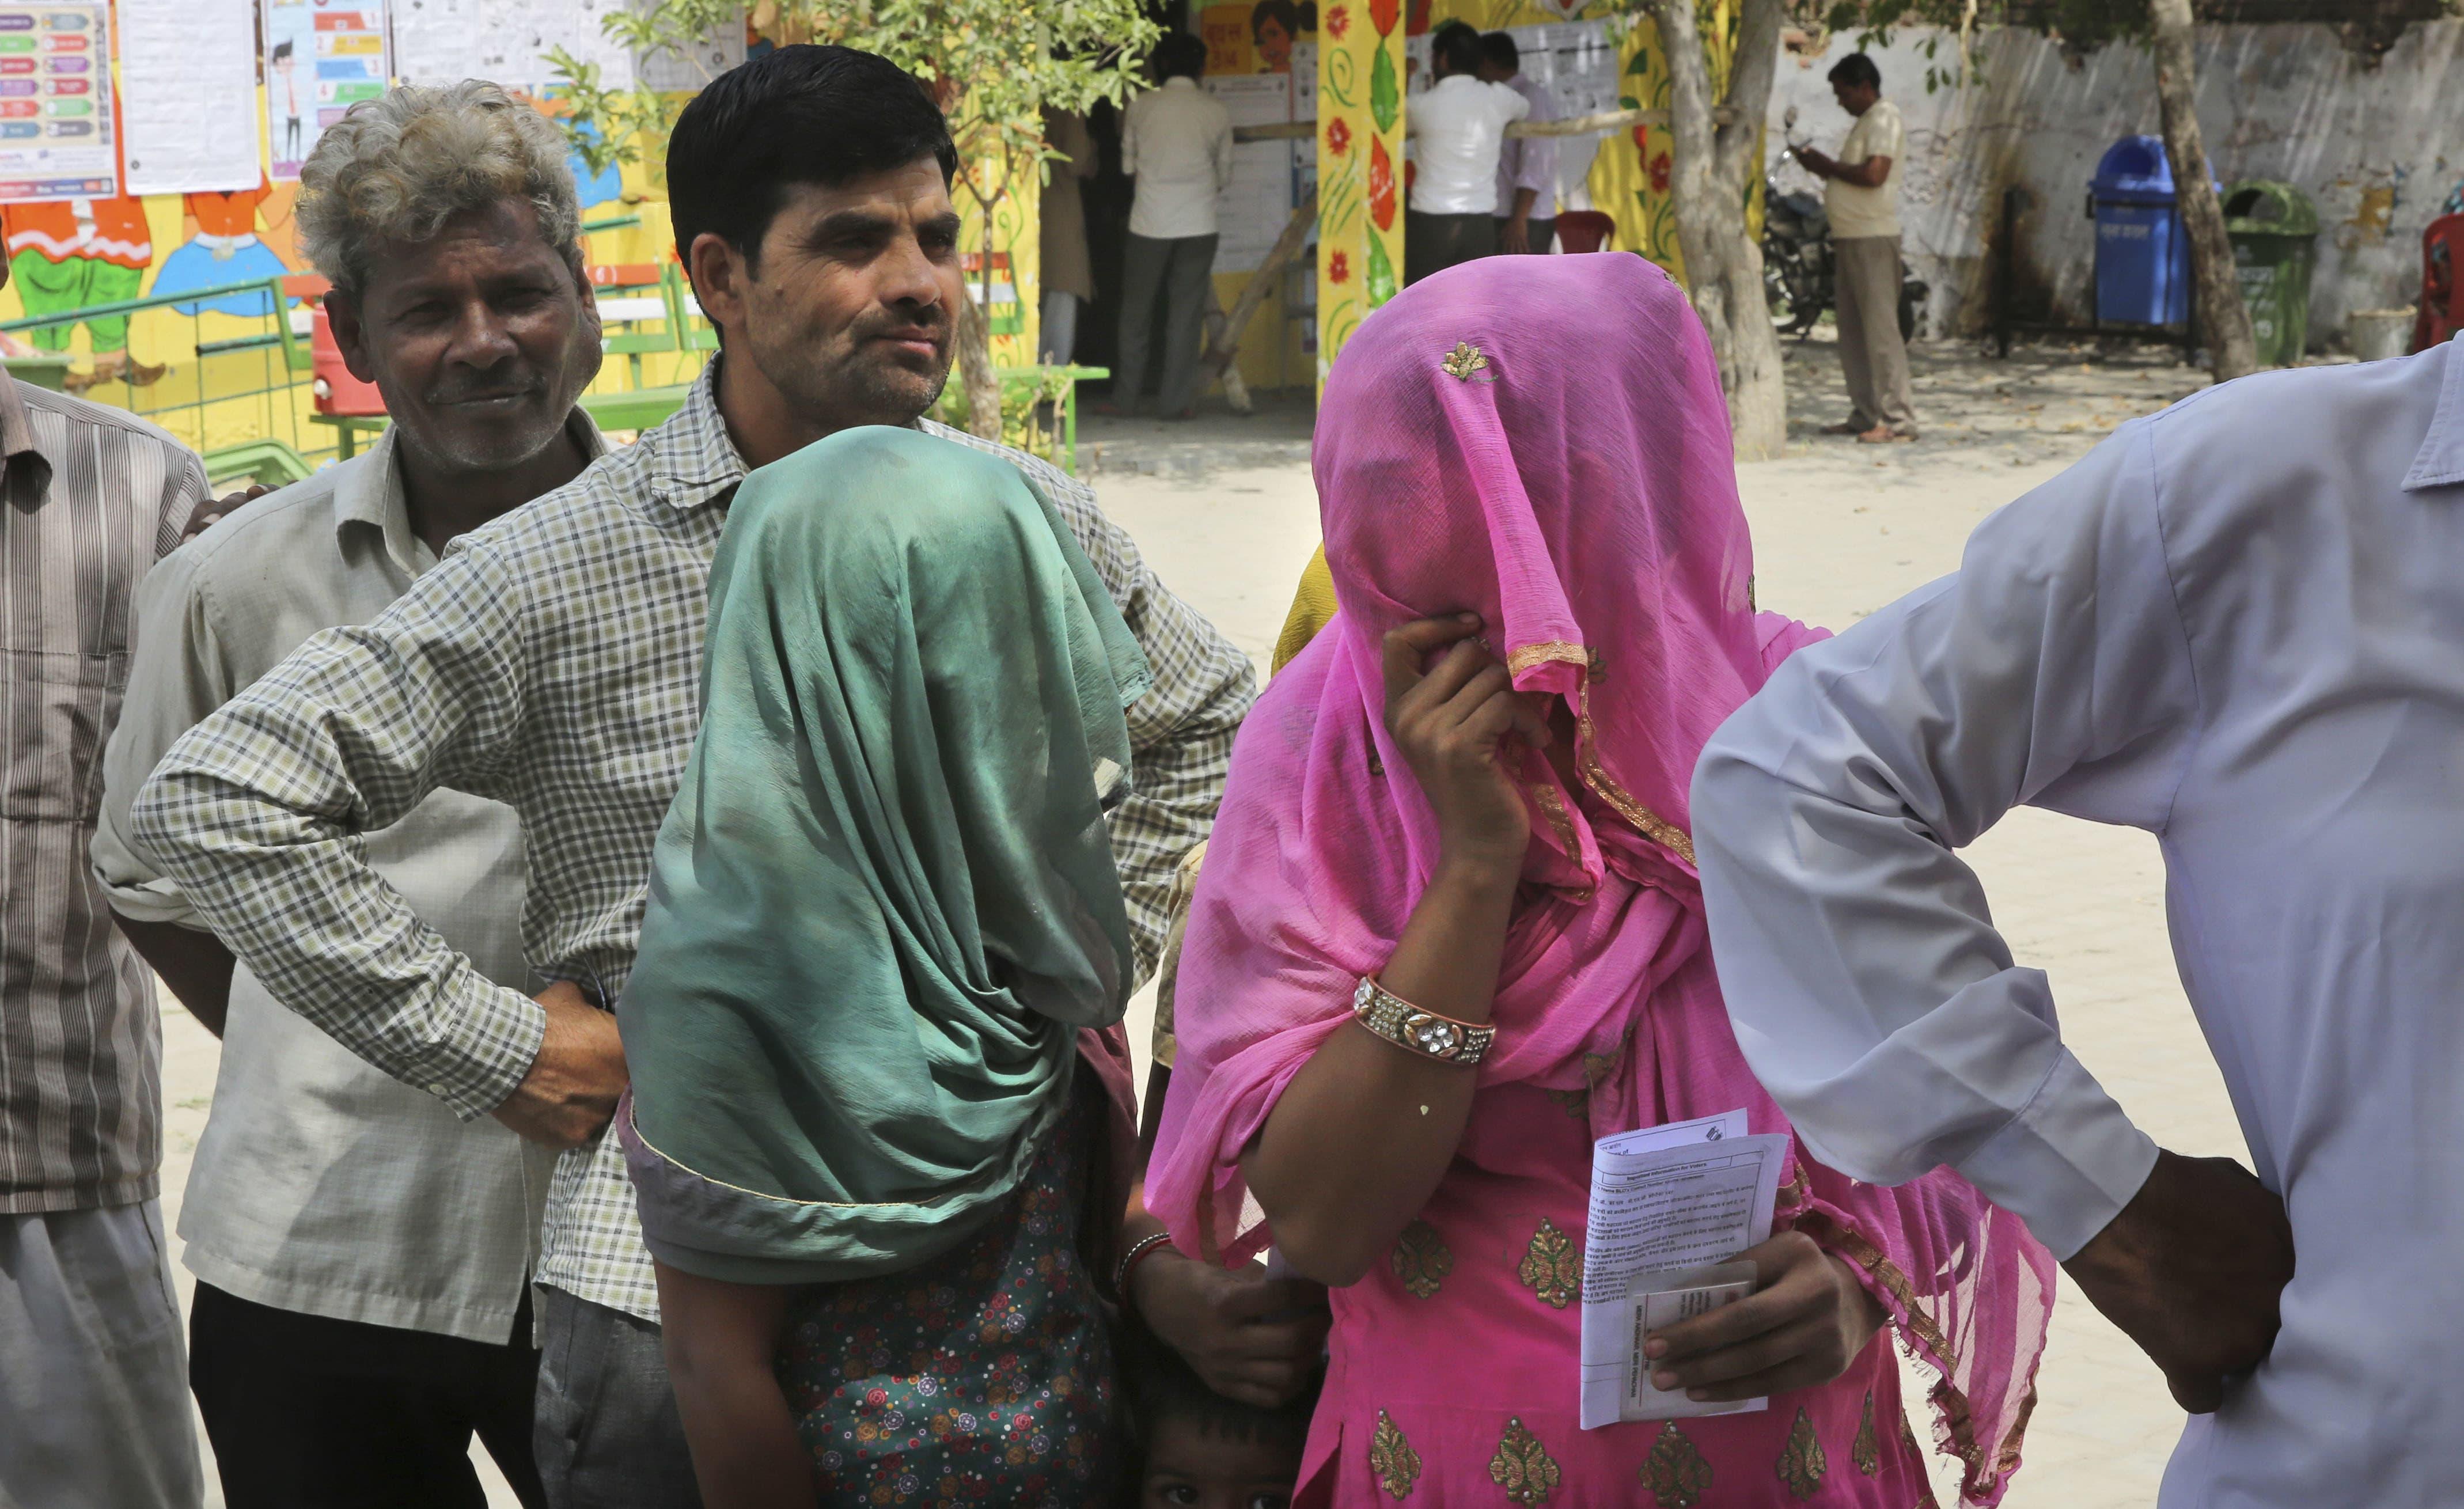 بھارتی شہر مودی نگر میں مرد و خواتین ایک ہی قطار بنائے ووٹ ڈالنے کے لیے اپنی باری کا انتظار کررہے ہیں —فوٹو/ اے پی